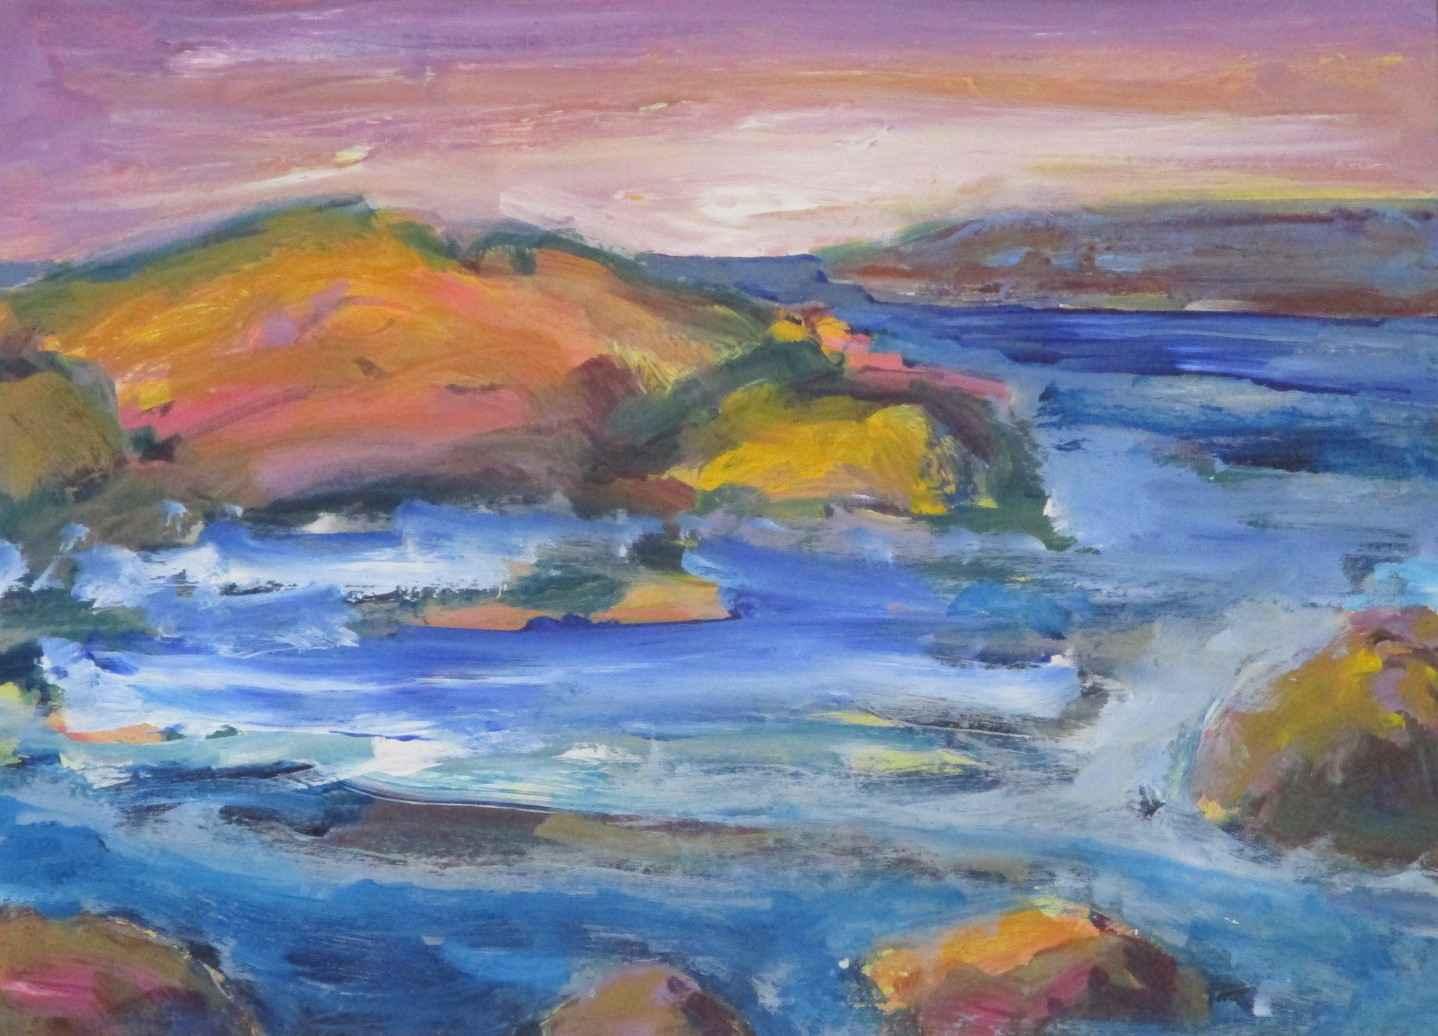 Waterscape II Rocks by  Janet Holt - Masterpiece Online